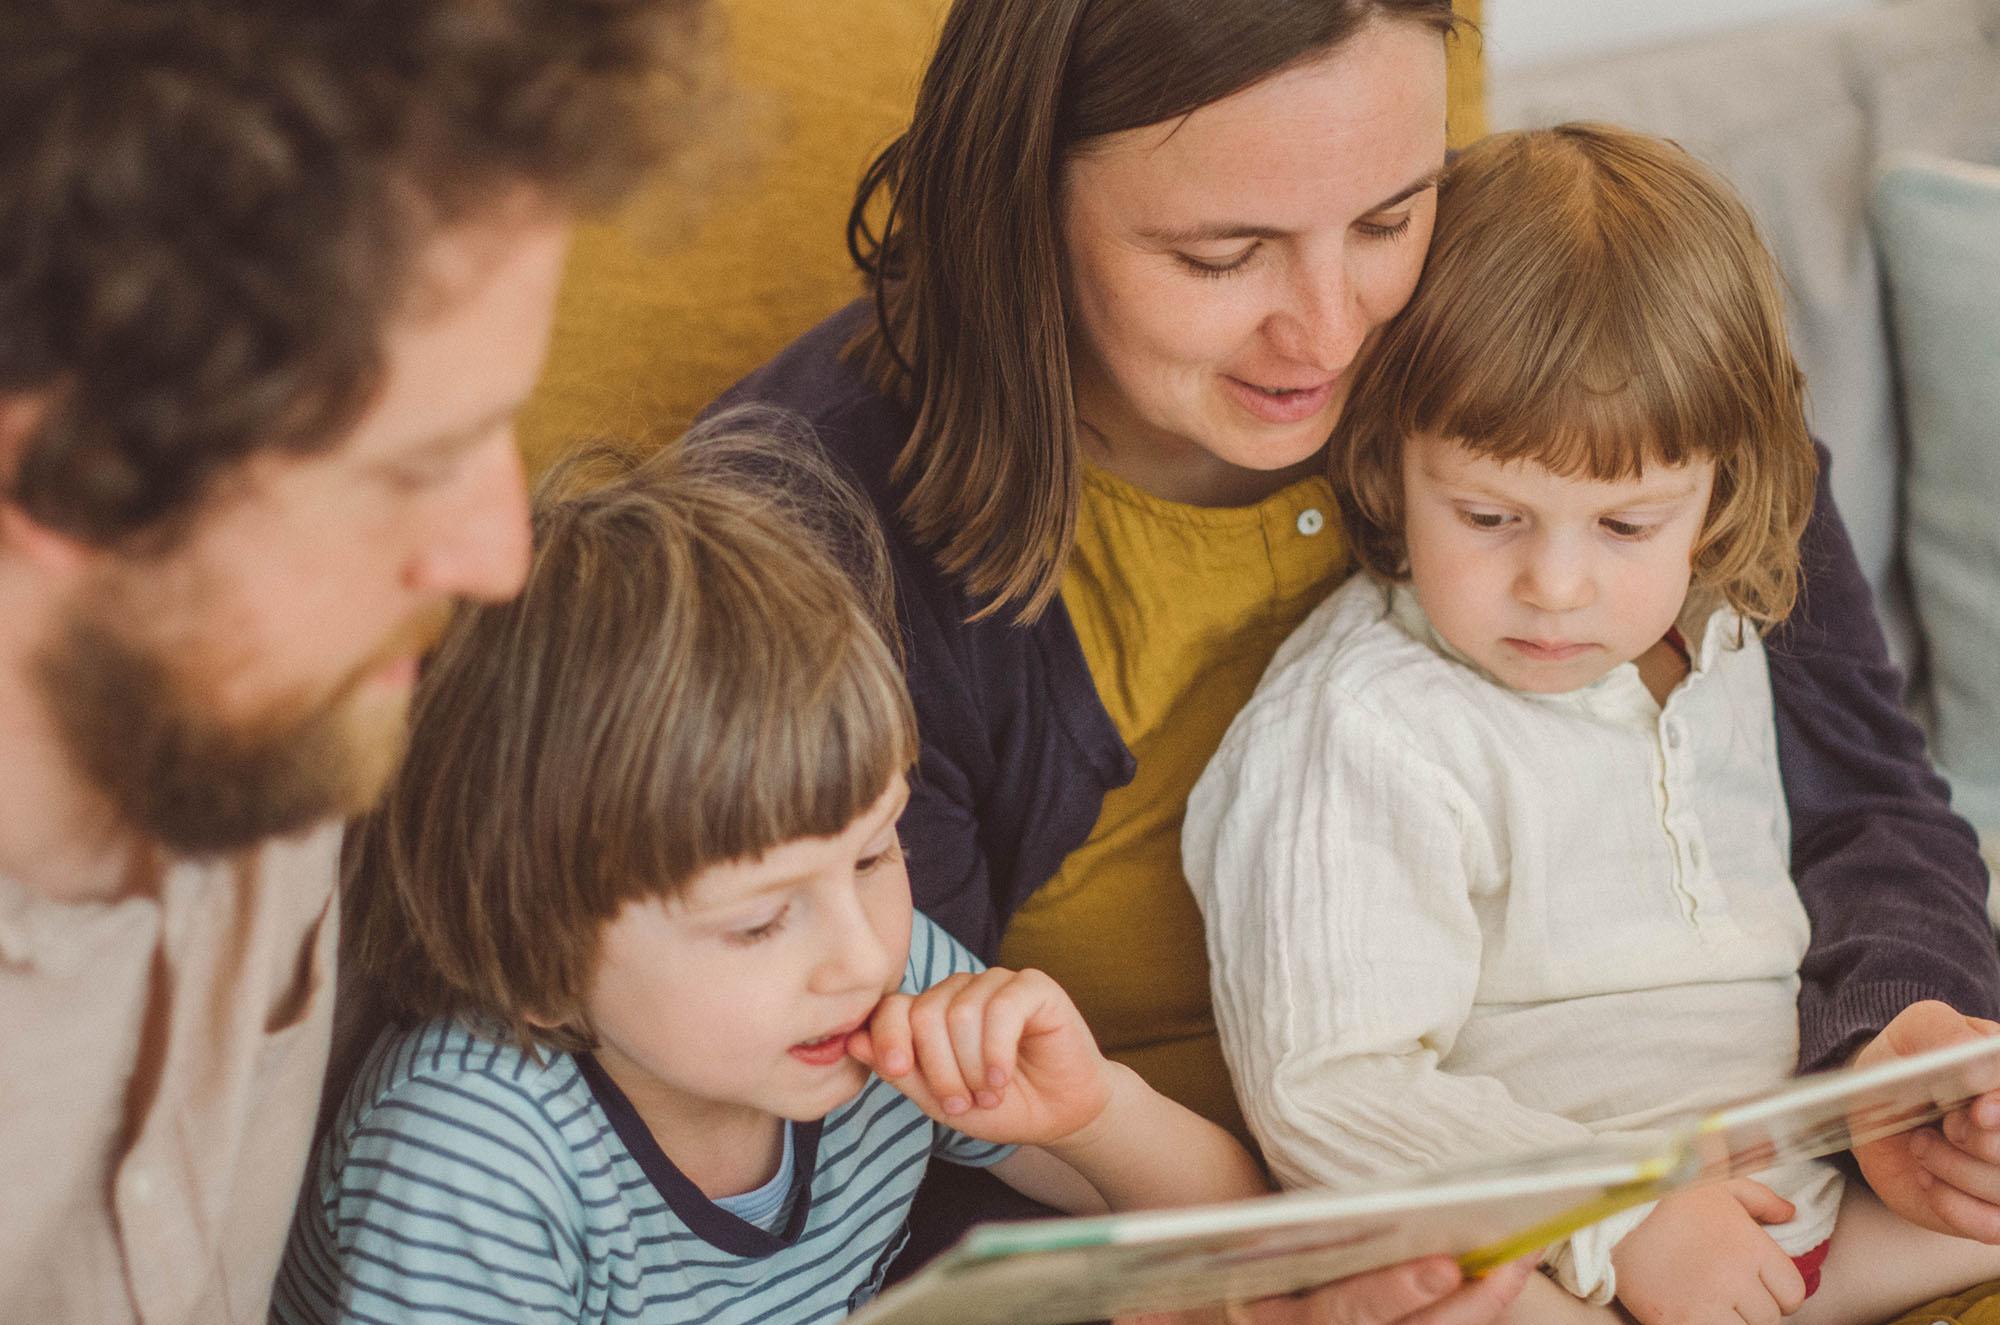 fotoshooting familie, Eltern lesen den Kindern vor